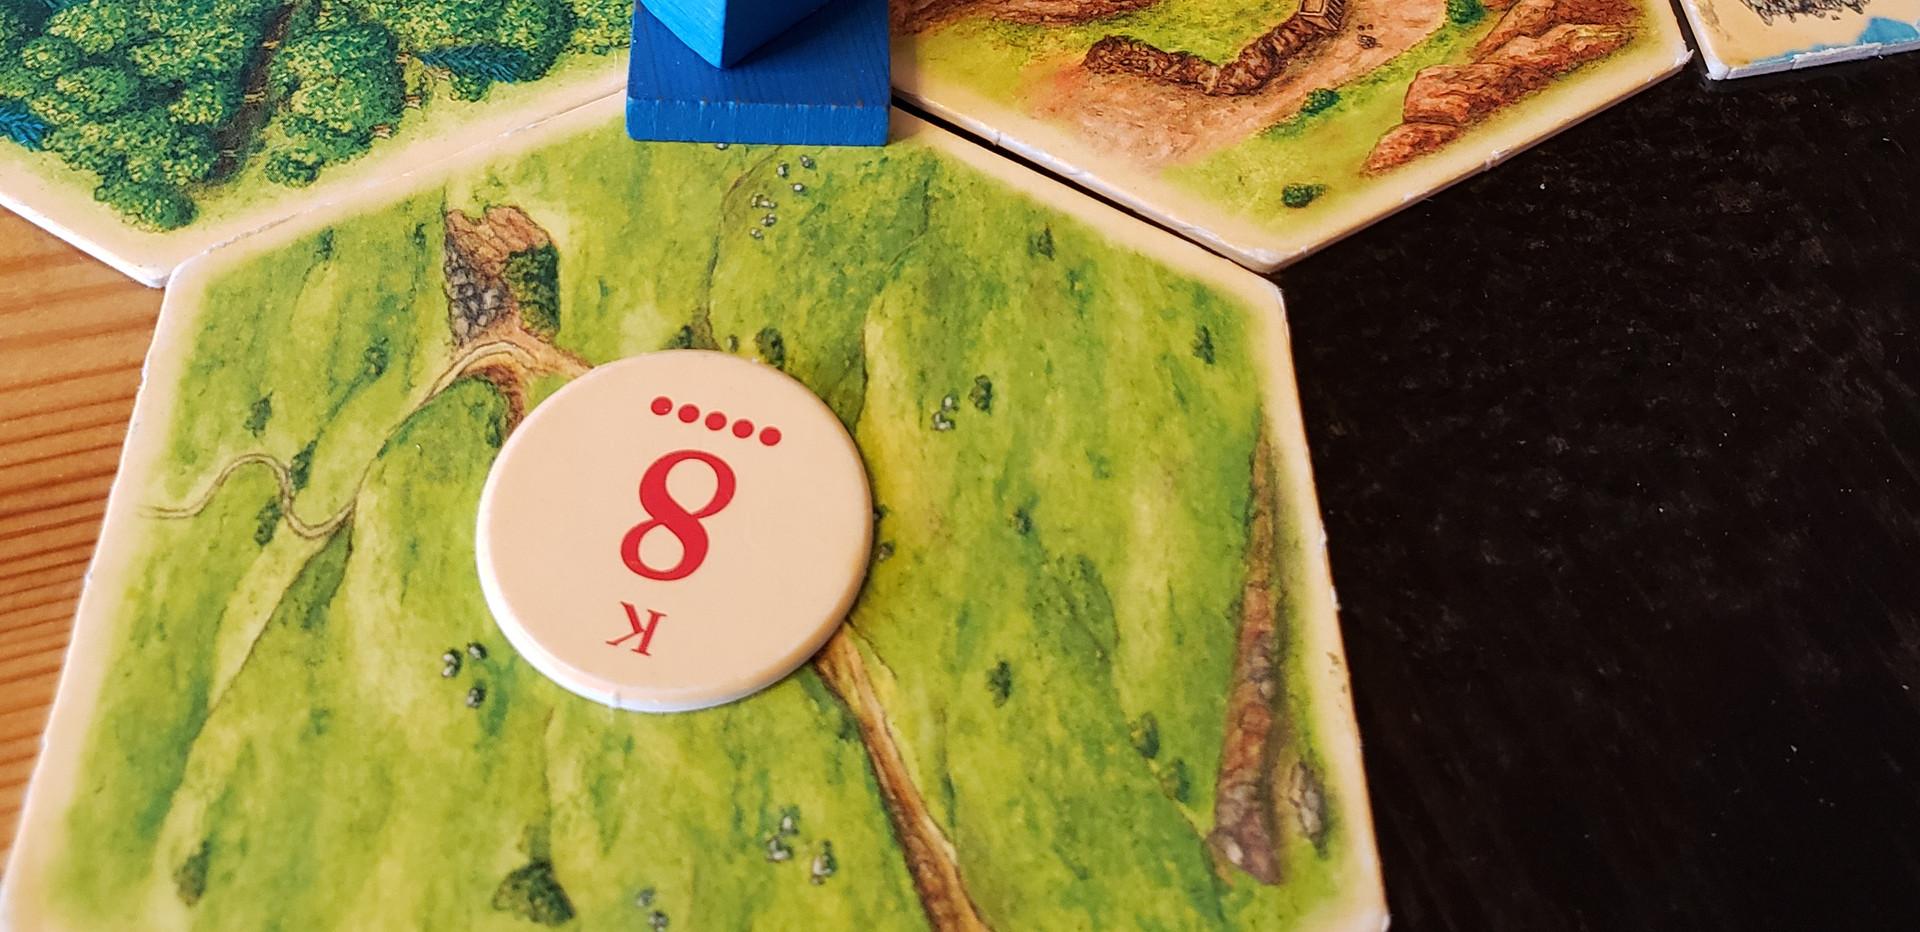 Catan Board Games